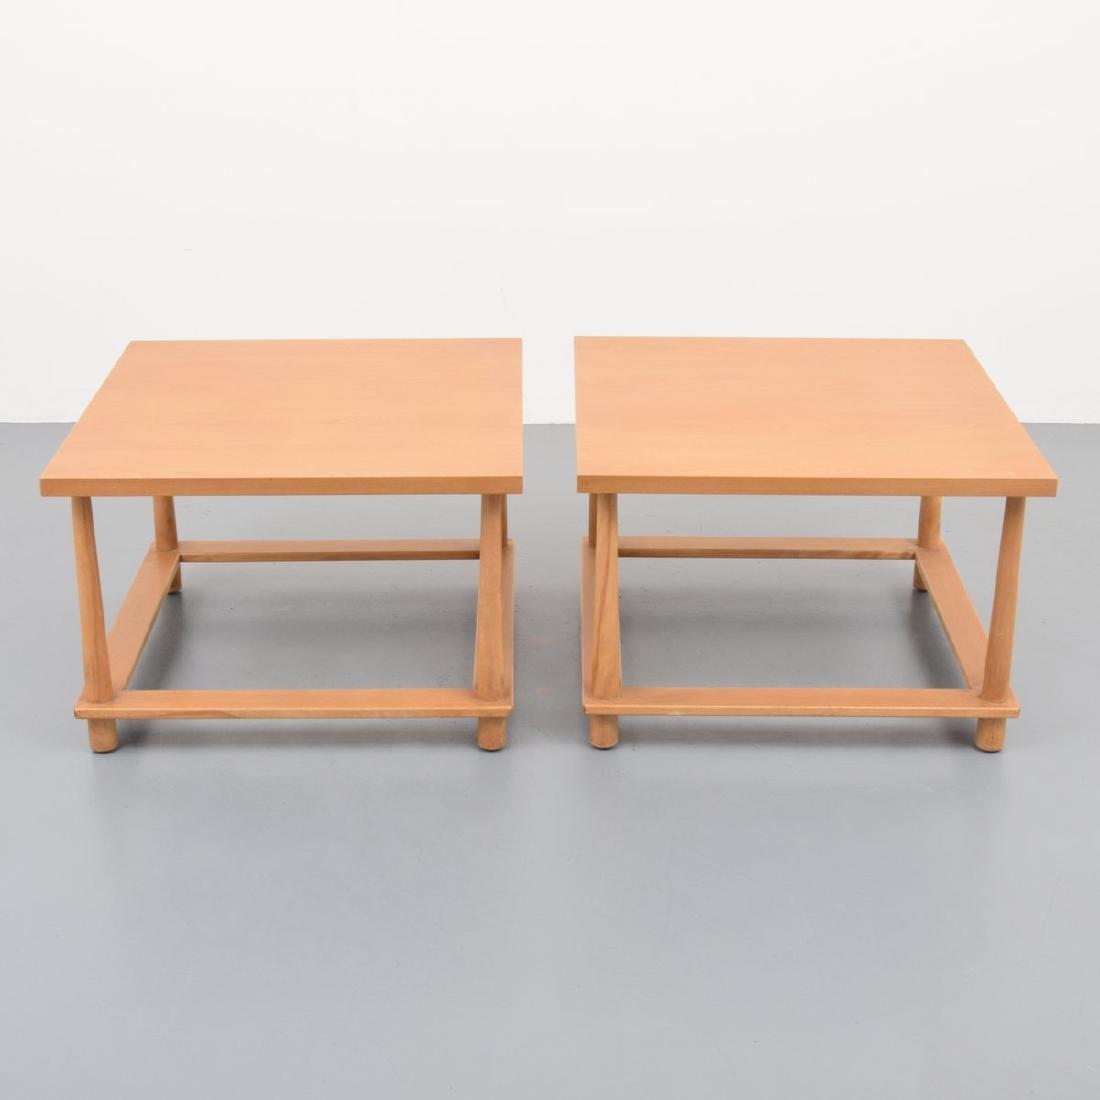 Pair of T.H. Robsjohn-Gibbings Occasional Tables - 3